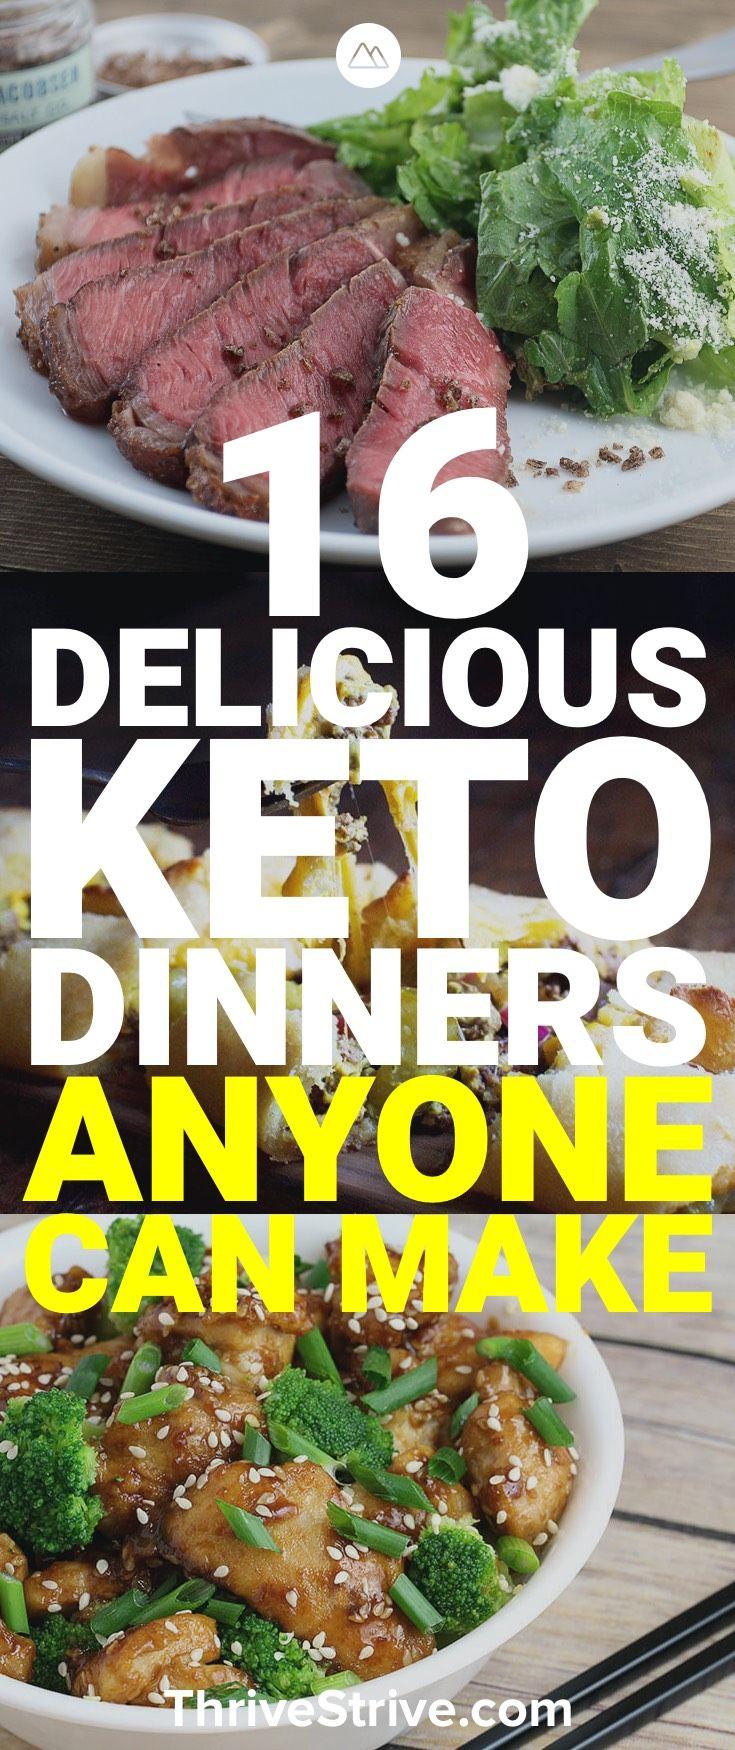 Suchen Sie nach Ketodiners, die Sie leicht zubereiten können? Hier sind 16 großartige …